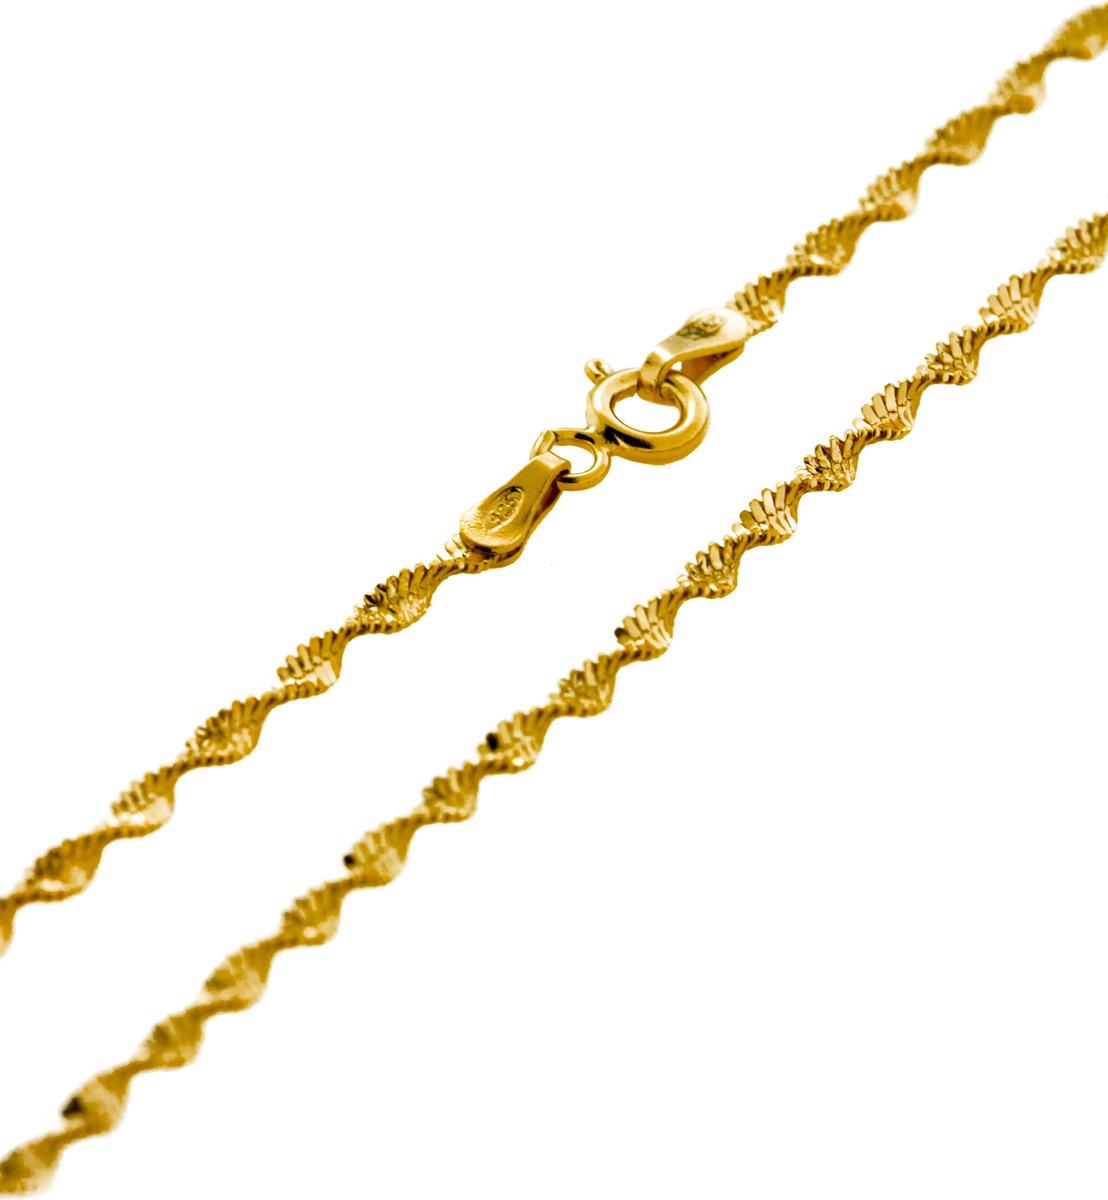 Цепочка Серебряная Венеция Стружка фантазийная, серебро 925, 50 см, 3676Z020LСереброЦепочка Стружка фантазийная с алмазной обработкой с одной стороны (сечение 020) из серебра 925 пробы, покрытая двойным слоем золота. Цепь Серебряная Венеция с двойным золочением из основного слоя золота в 24 карата (999 пробы) и верхнего (подцвечивающего) слоя золота 585 пробы. Выполнена в виде лихо закрученной спирали. Украшение идеально подойдет и на каждый день, и для вечернего выхода в великолепном платье. Оно обладают четкими контурами соединения элементов украшения, а Алмазная огранка по специальной технологии 8-ми граней позволяет поверхности цепочки лучше блестеть. Цепочка может носиться и как самостоятельное украшение, и в дополнение с кулоном. Серебряные цепи с двойным золочением внешне почти не отличаются от золотых, прекрасно сочетаются с золотыми украшениями, но более доступны по цене. Такое украшение практично и модно. Цепочка произведена в Италии с использованием самого передового оборудования и современных технологий, что несомненно говорит о её качестве.